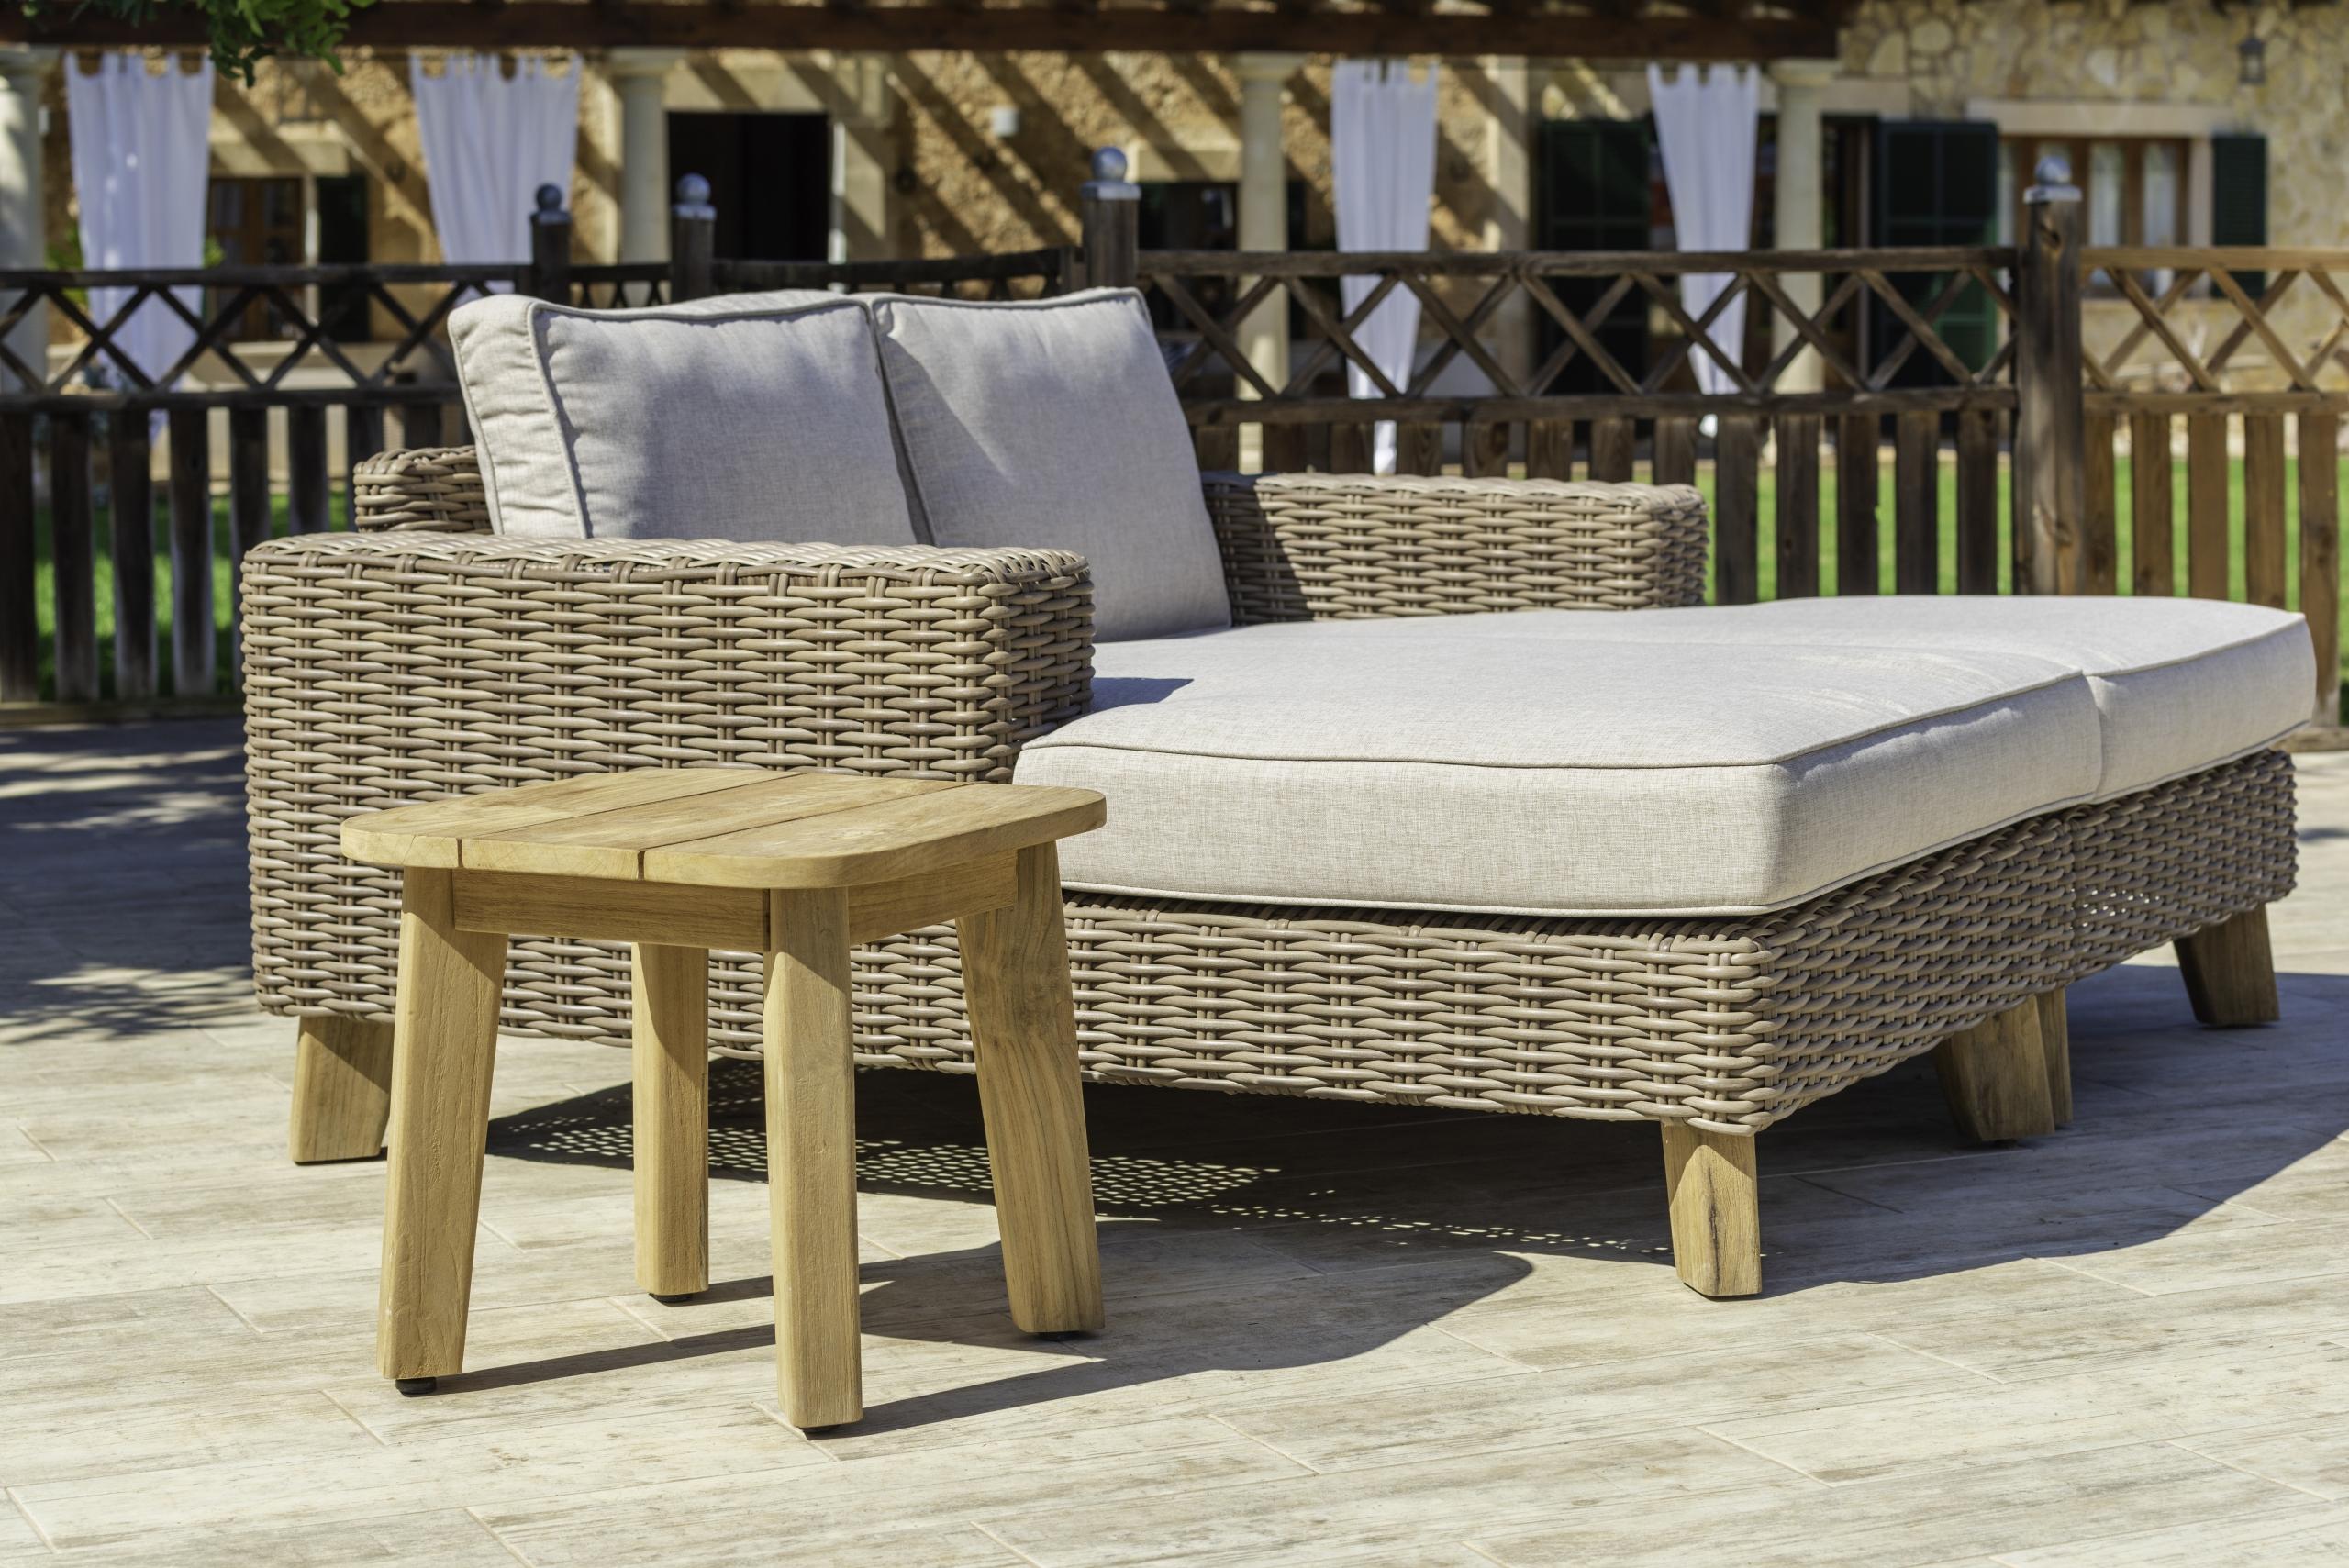 Los mejores muebles de exterior para jardín y terraza para el verano